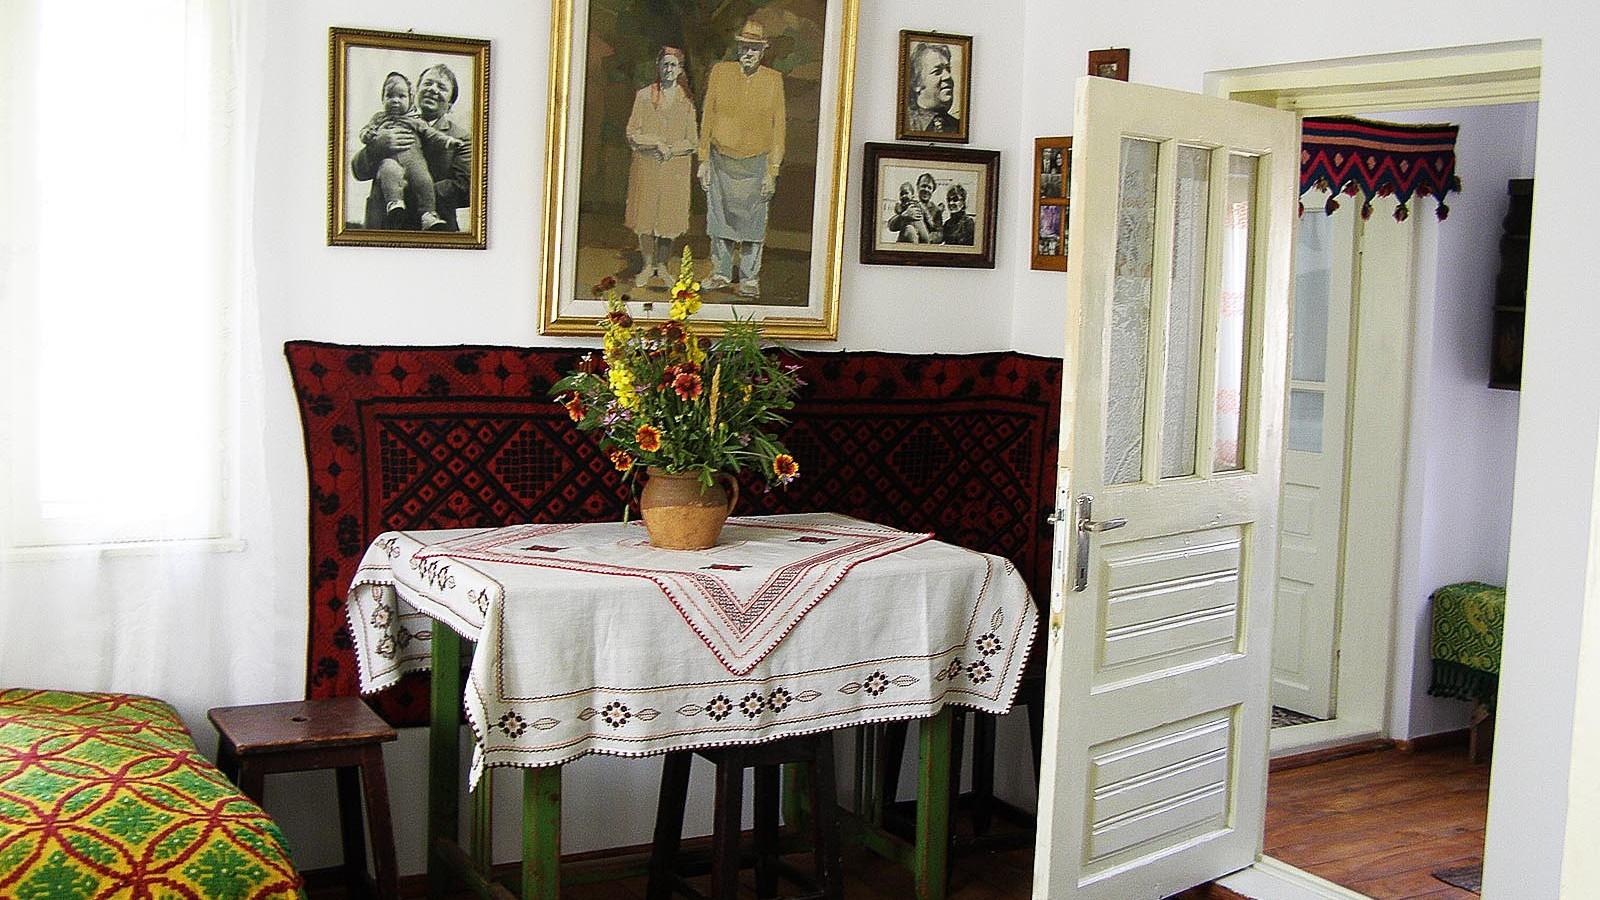 Casa Memoriala Fanus Neagu